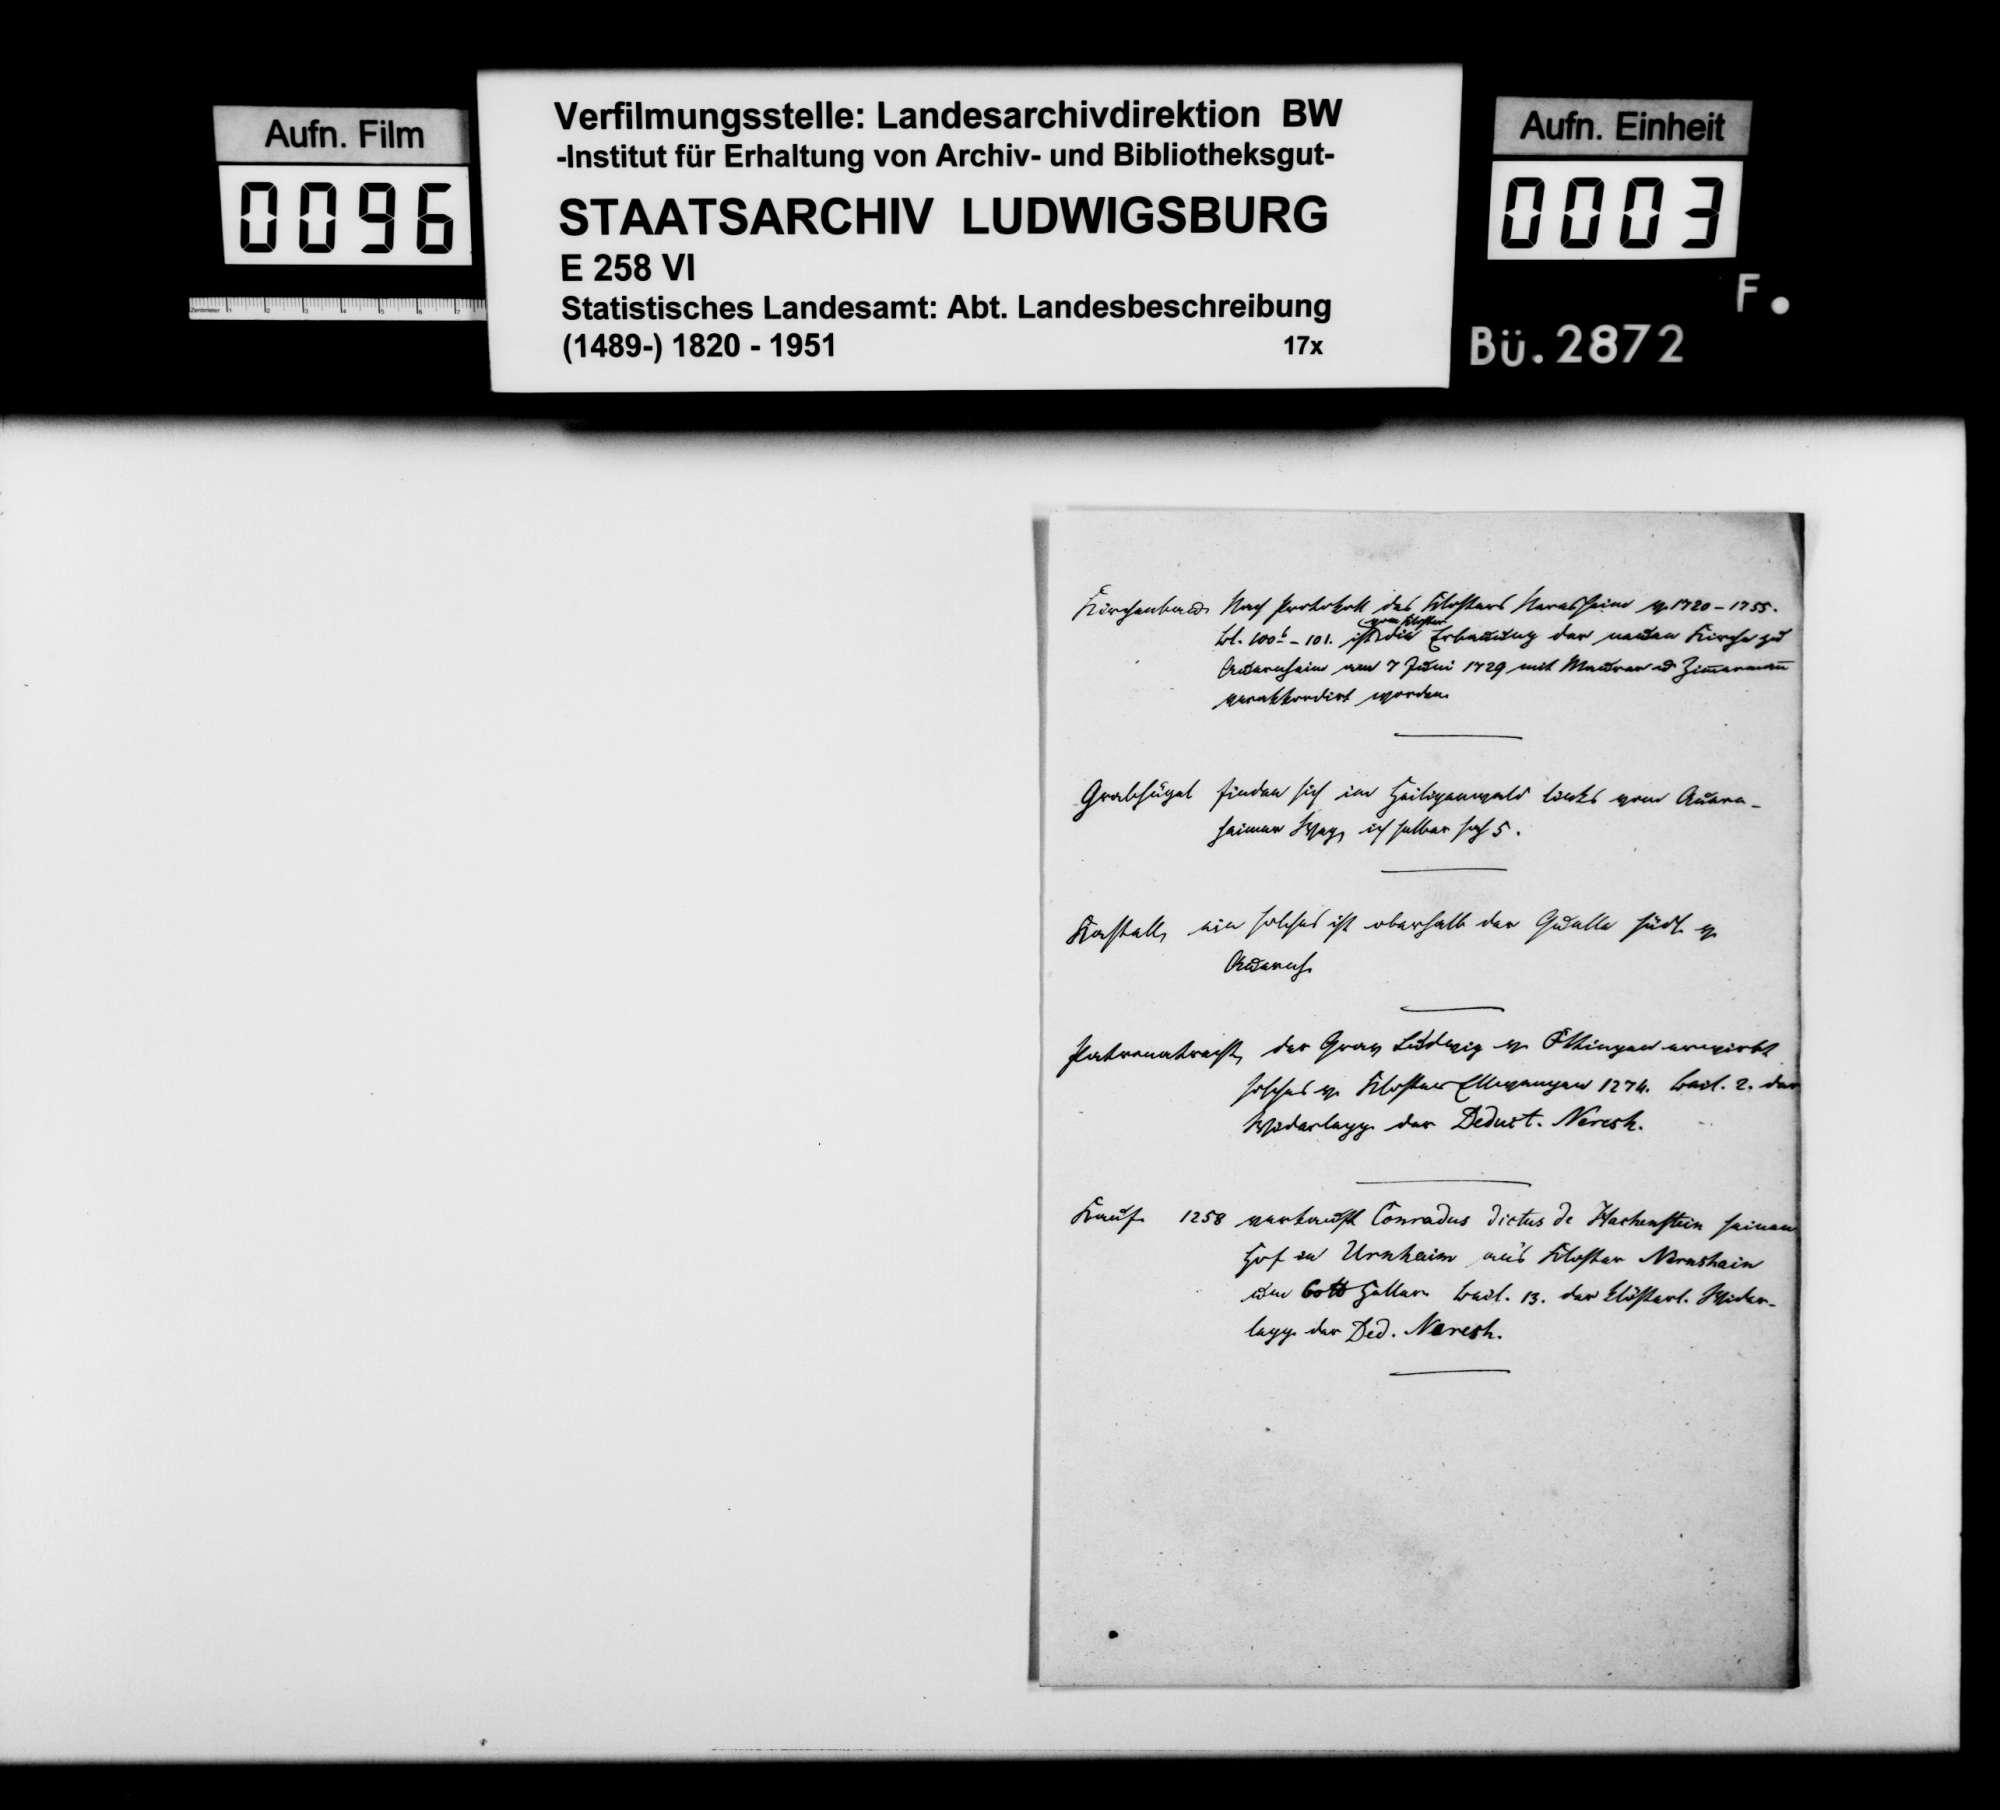 Altertümer, Geschichtliches und Rechtsverhältnisse in Auernheim, Bopfingen, Demmingen, Dunstelkingen und Hochstatter Hof, Bild 2